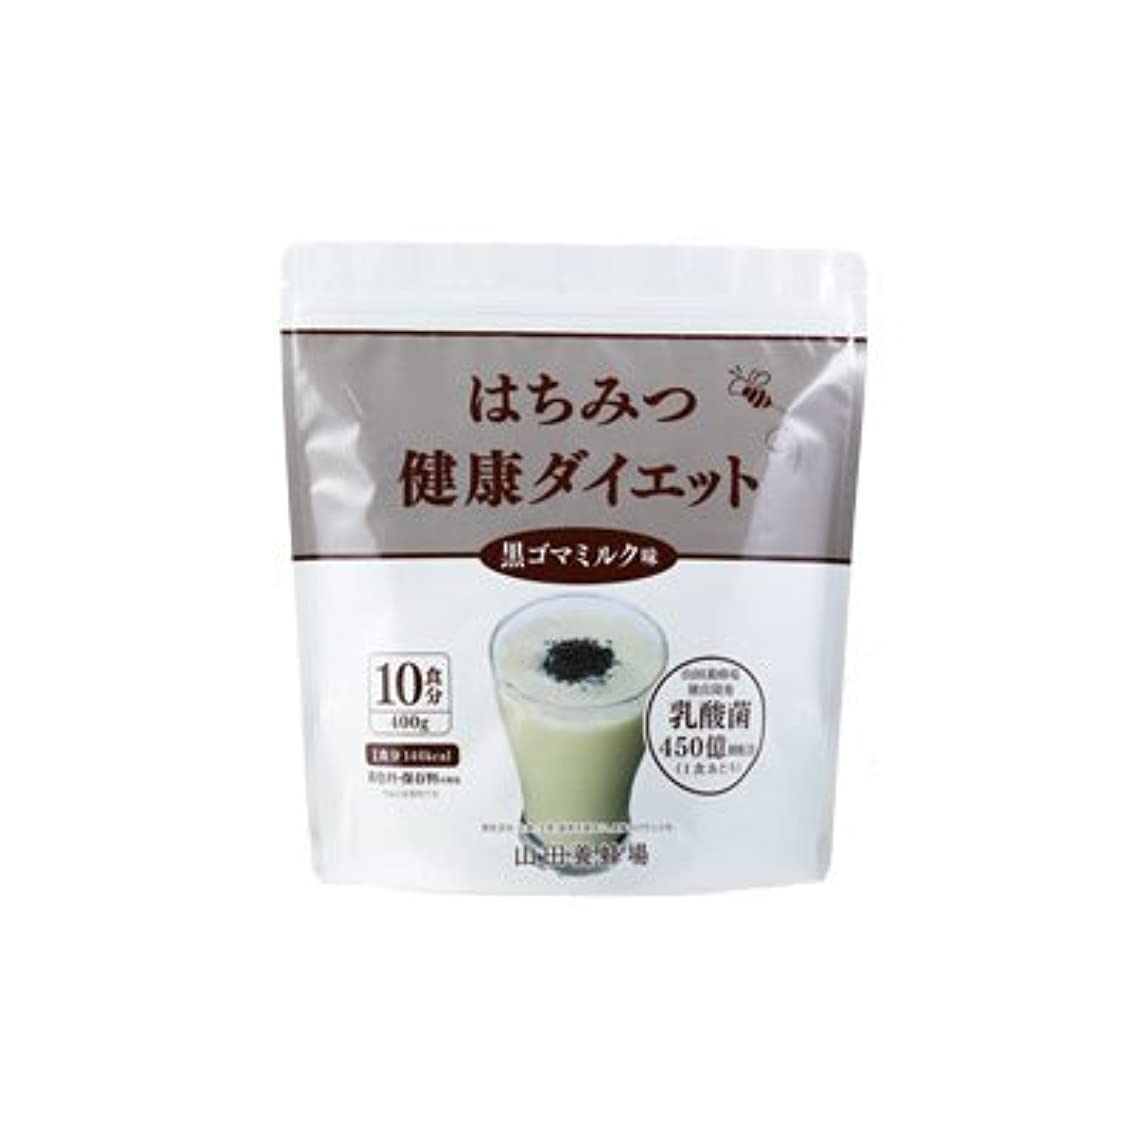 不安細菌感覚はちみつ健康ダイエット 【黒ごまミルク味】400g(10食分)